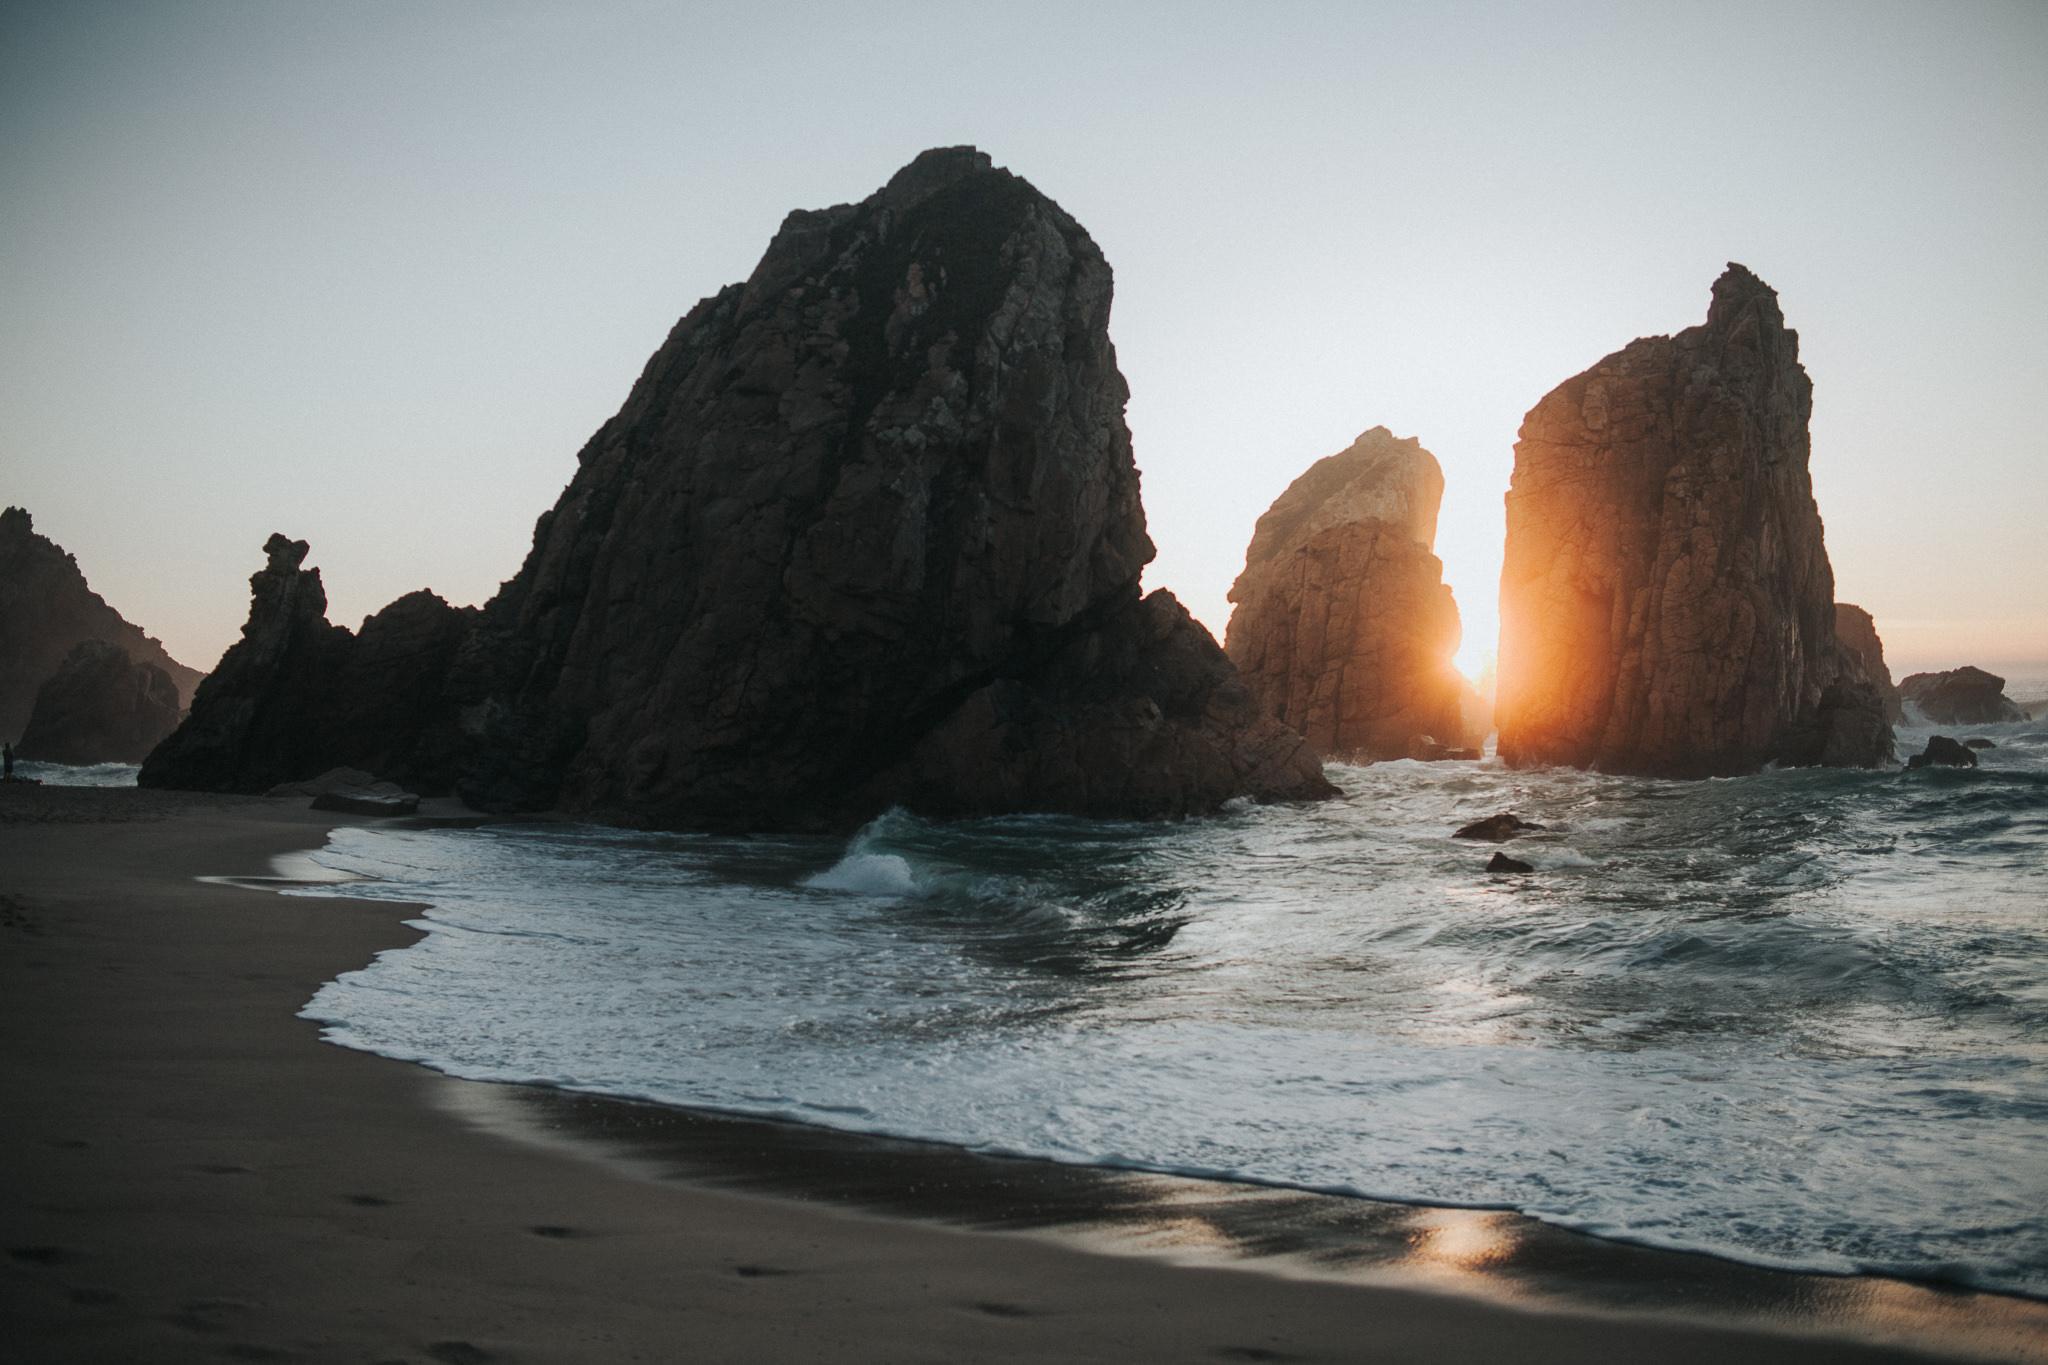 Sunset at Praia da Ursa